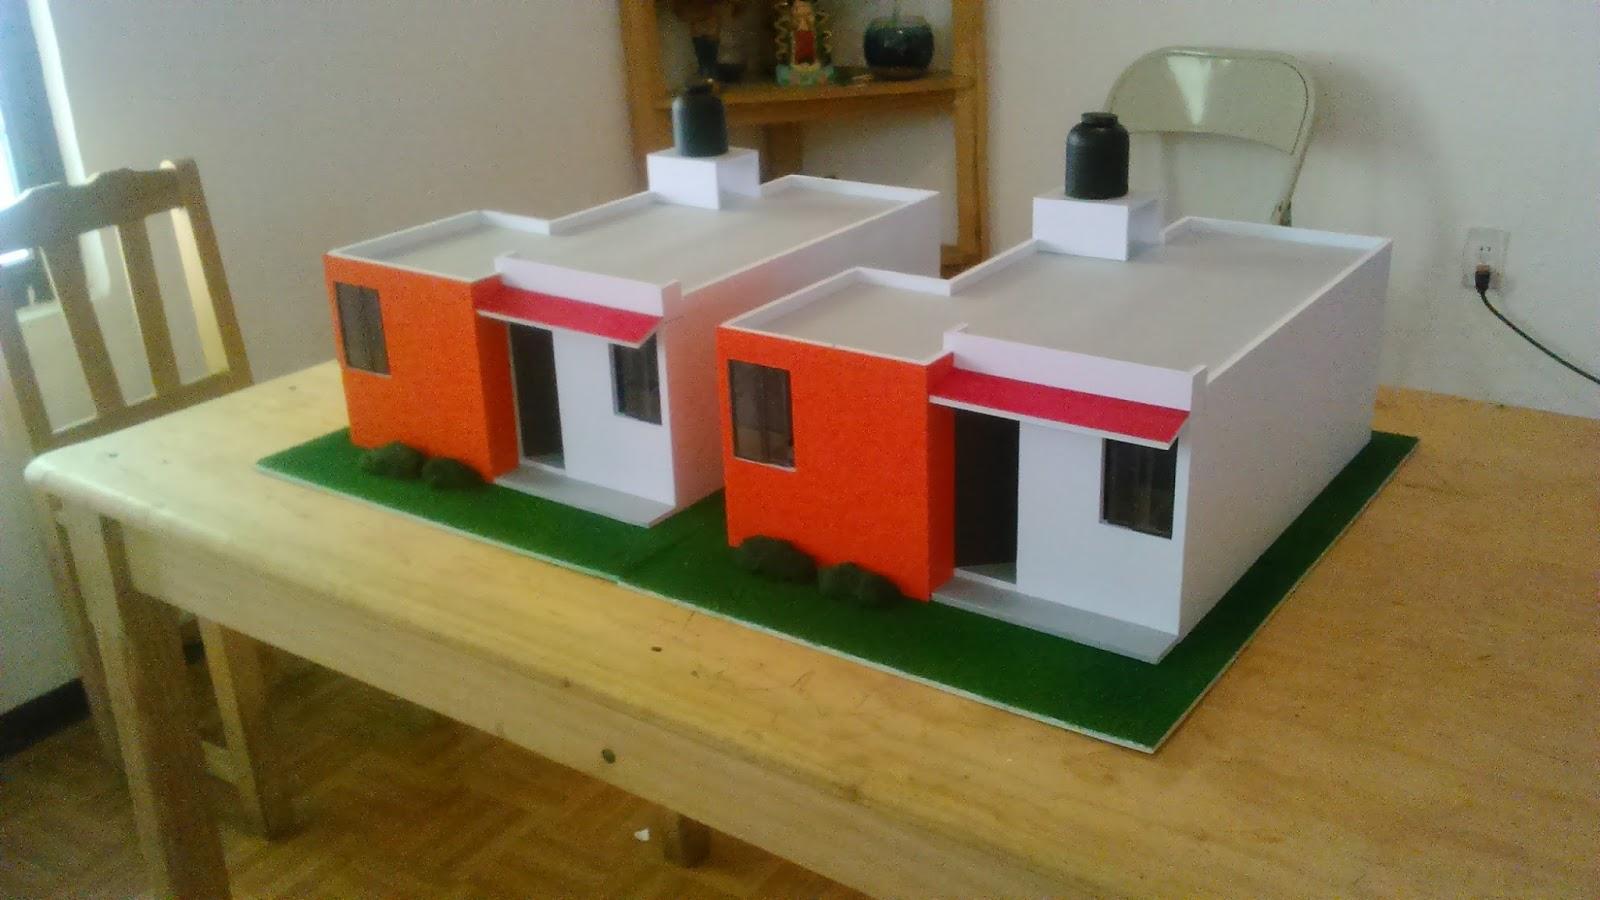 Maquetas de casas modernas con piscina m 225 s de 1000 for Casa moderna maqueta